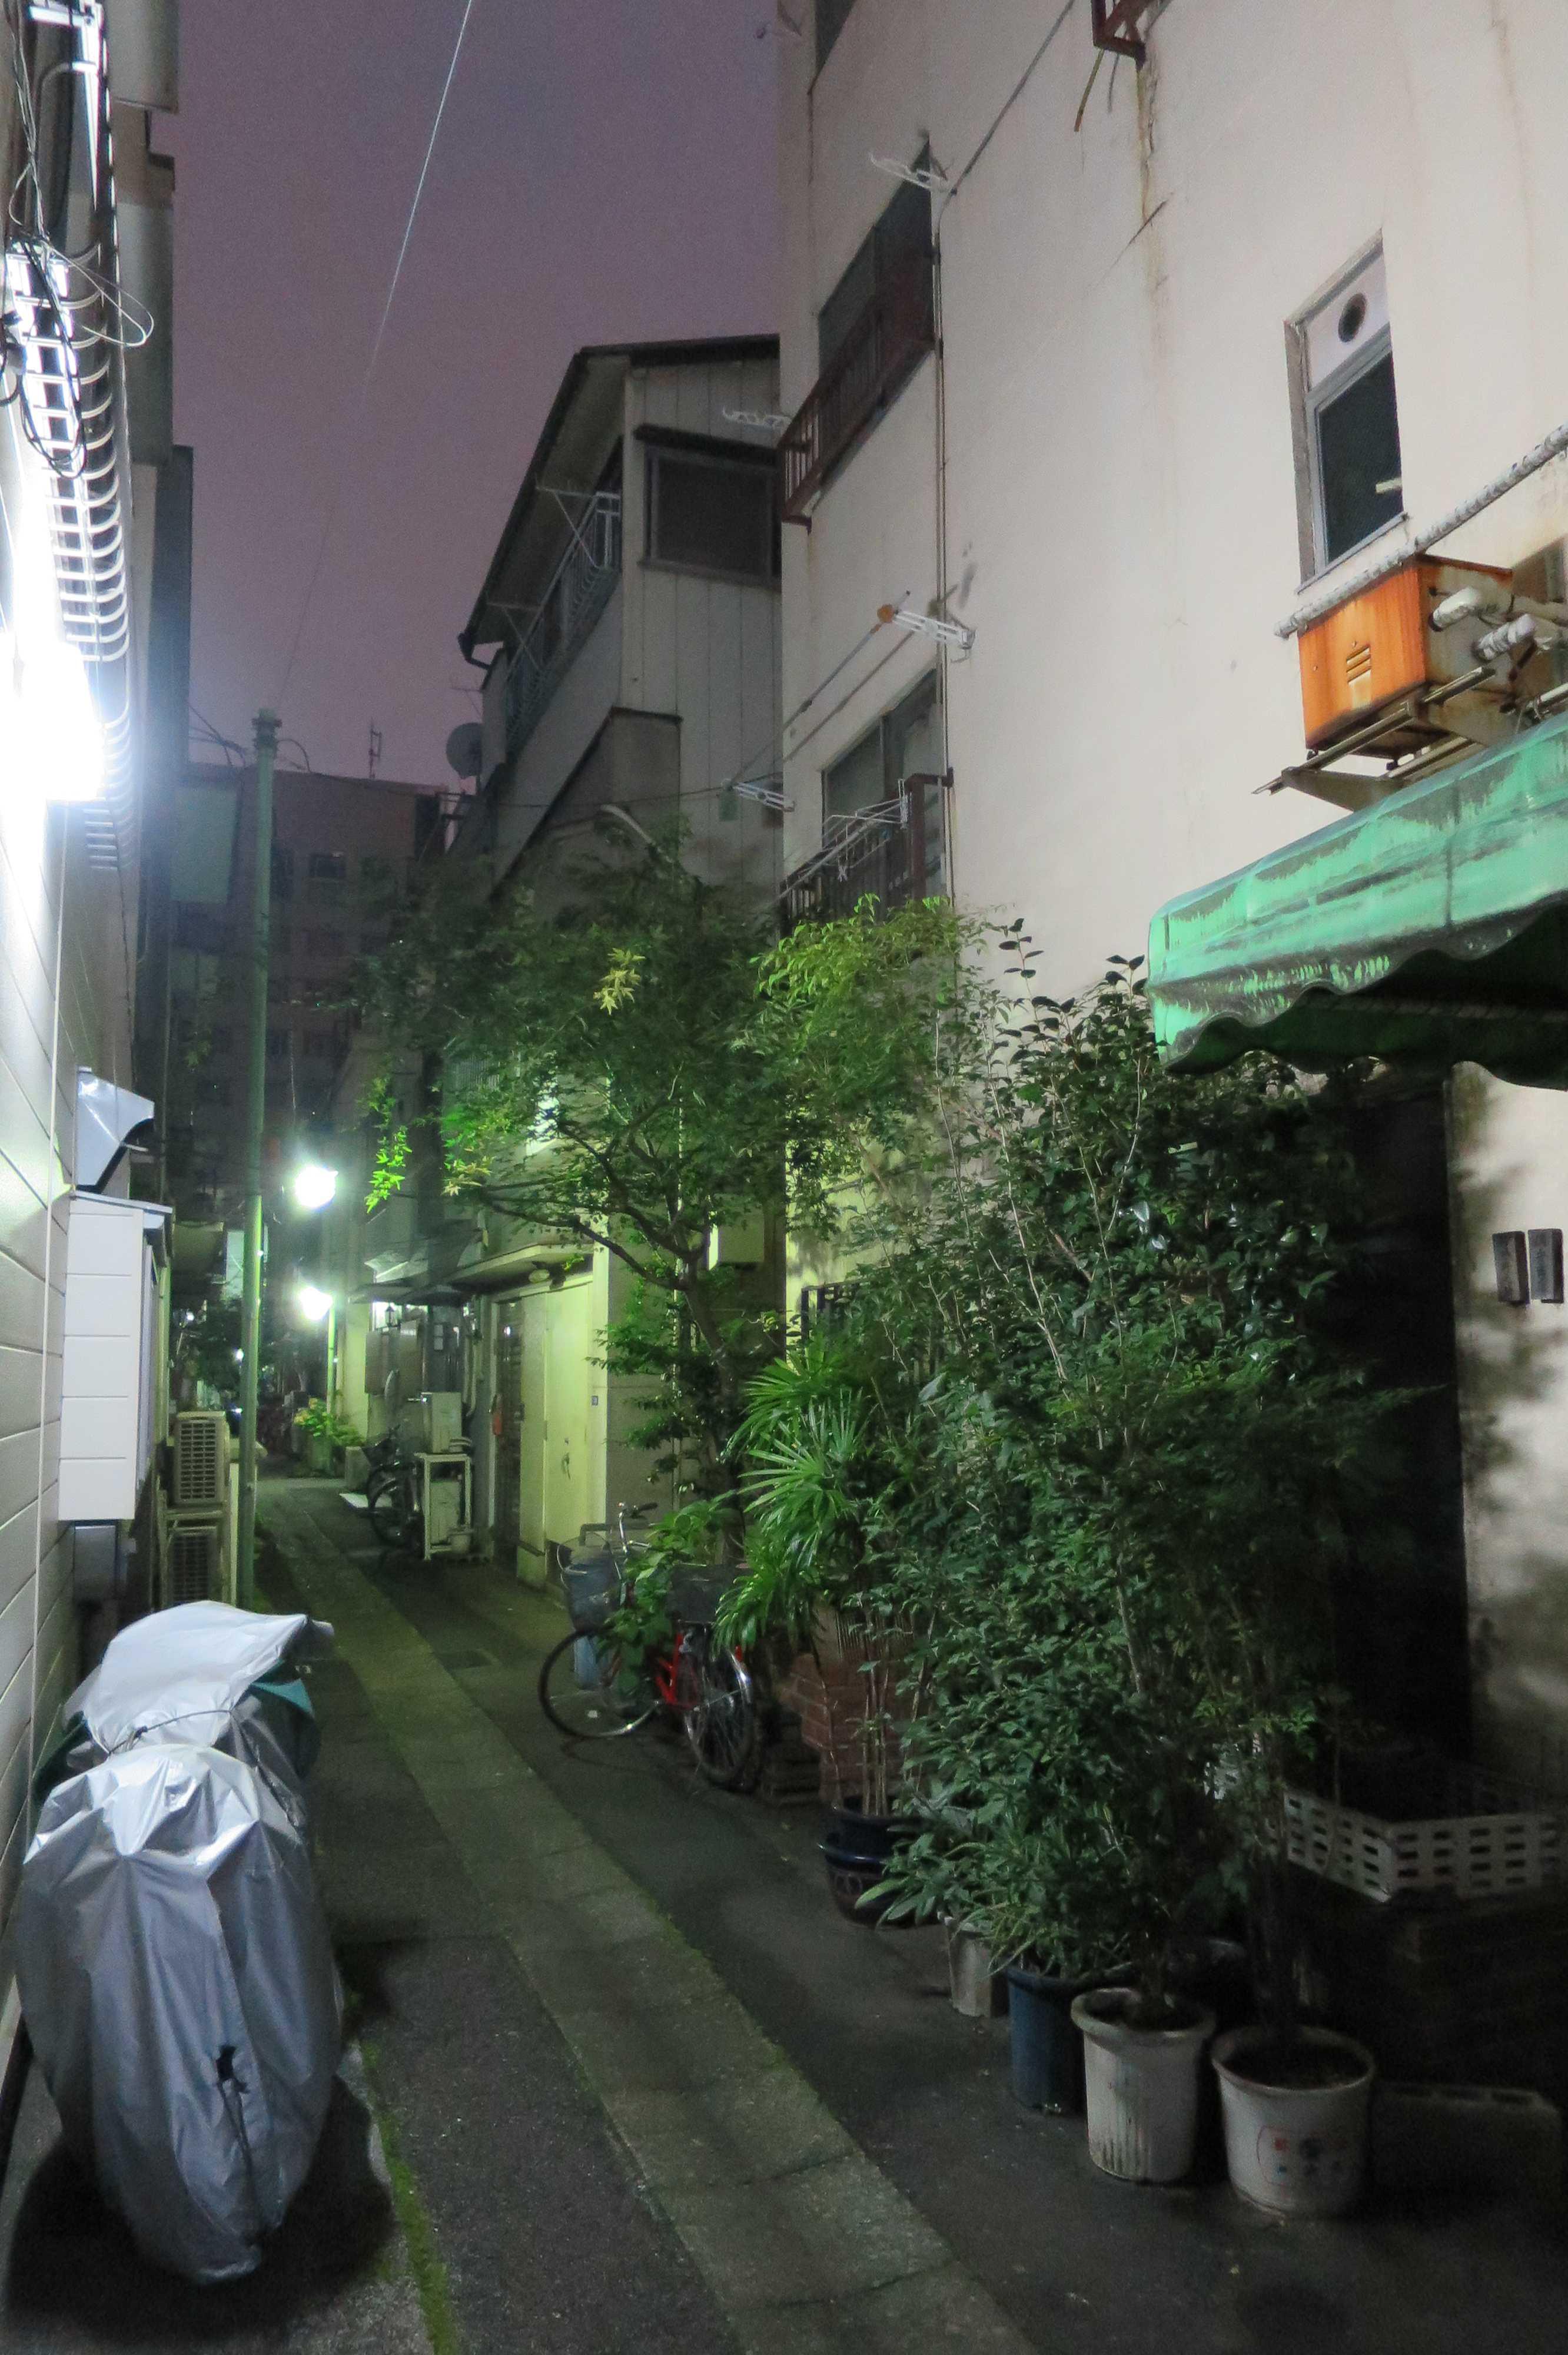 築地エリア - 朝 5時過ぎの築地の路地